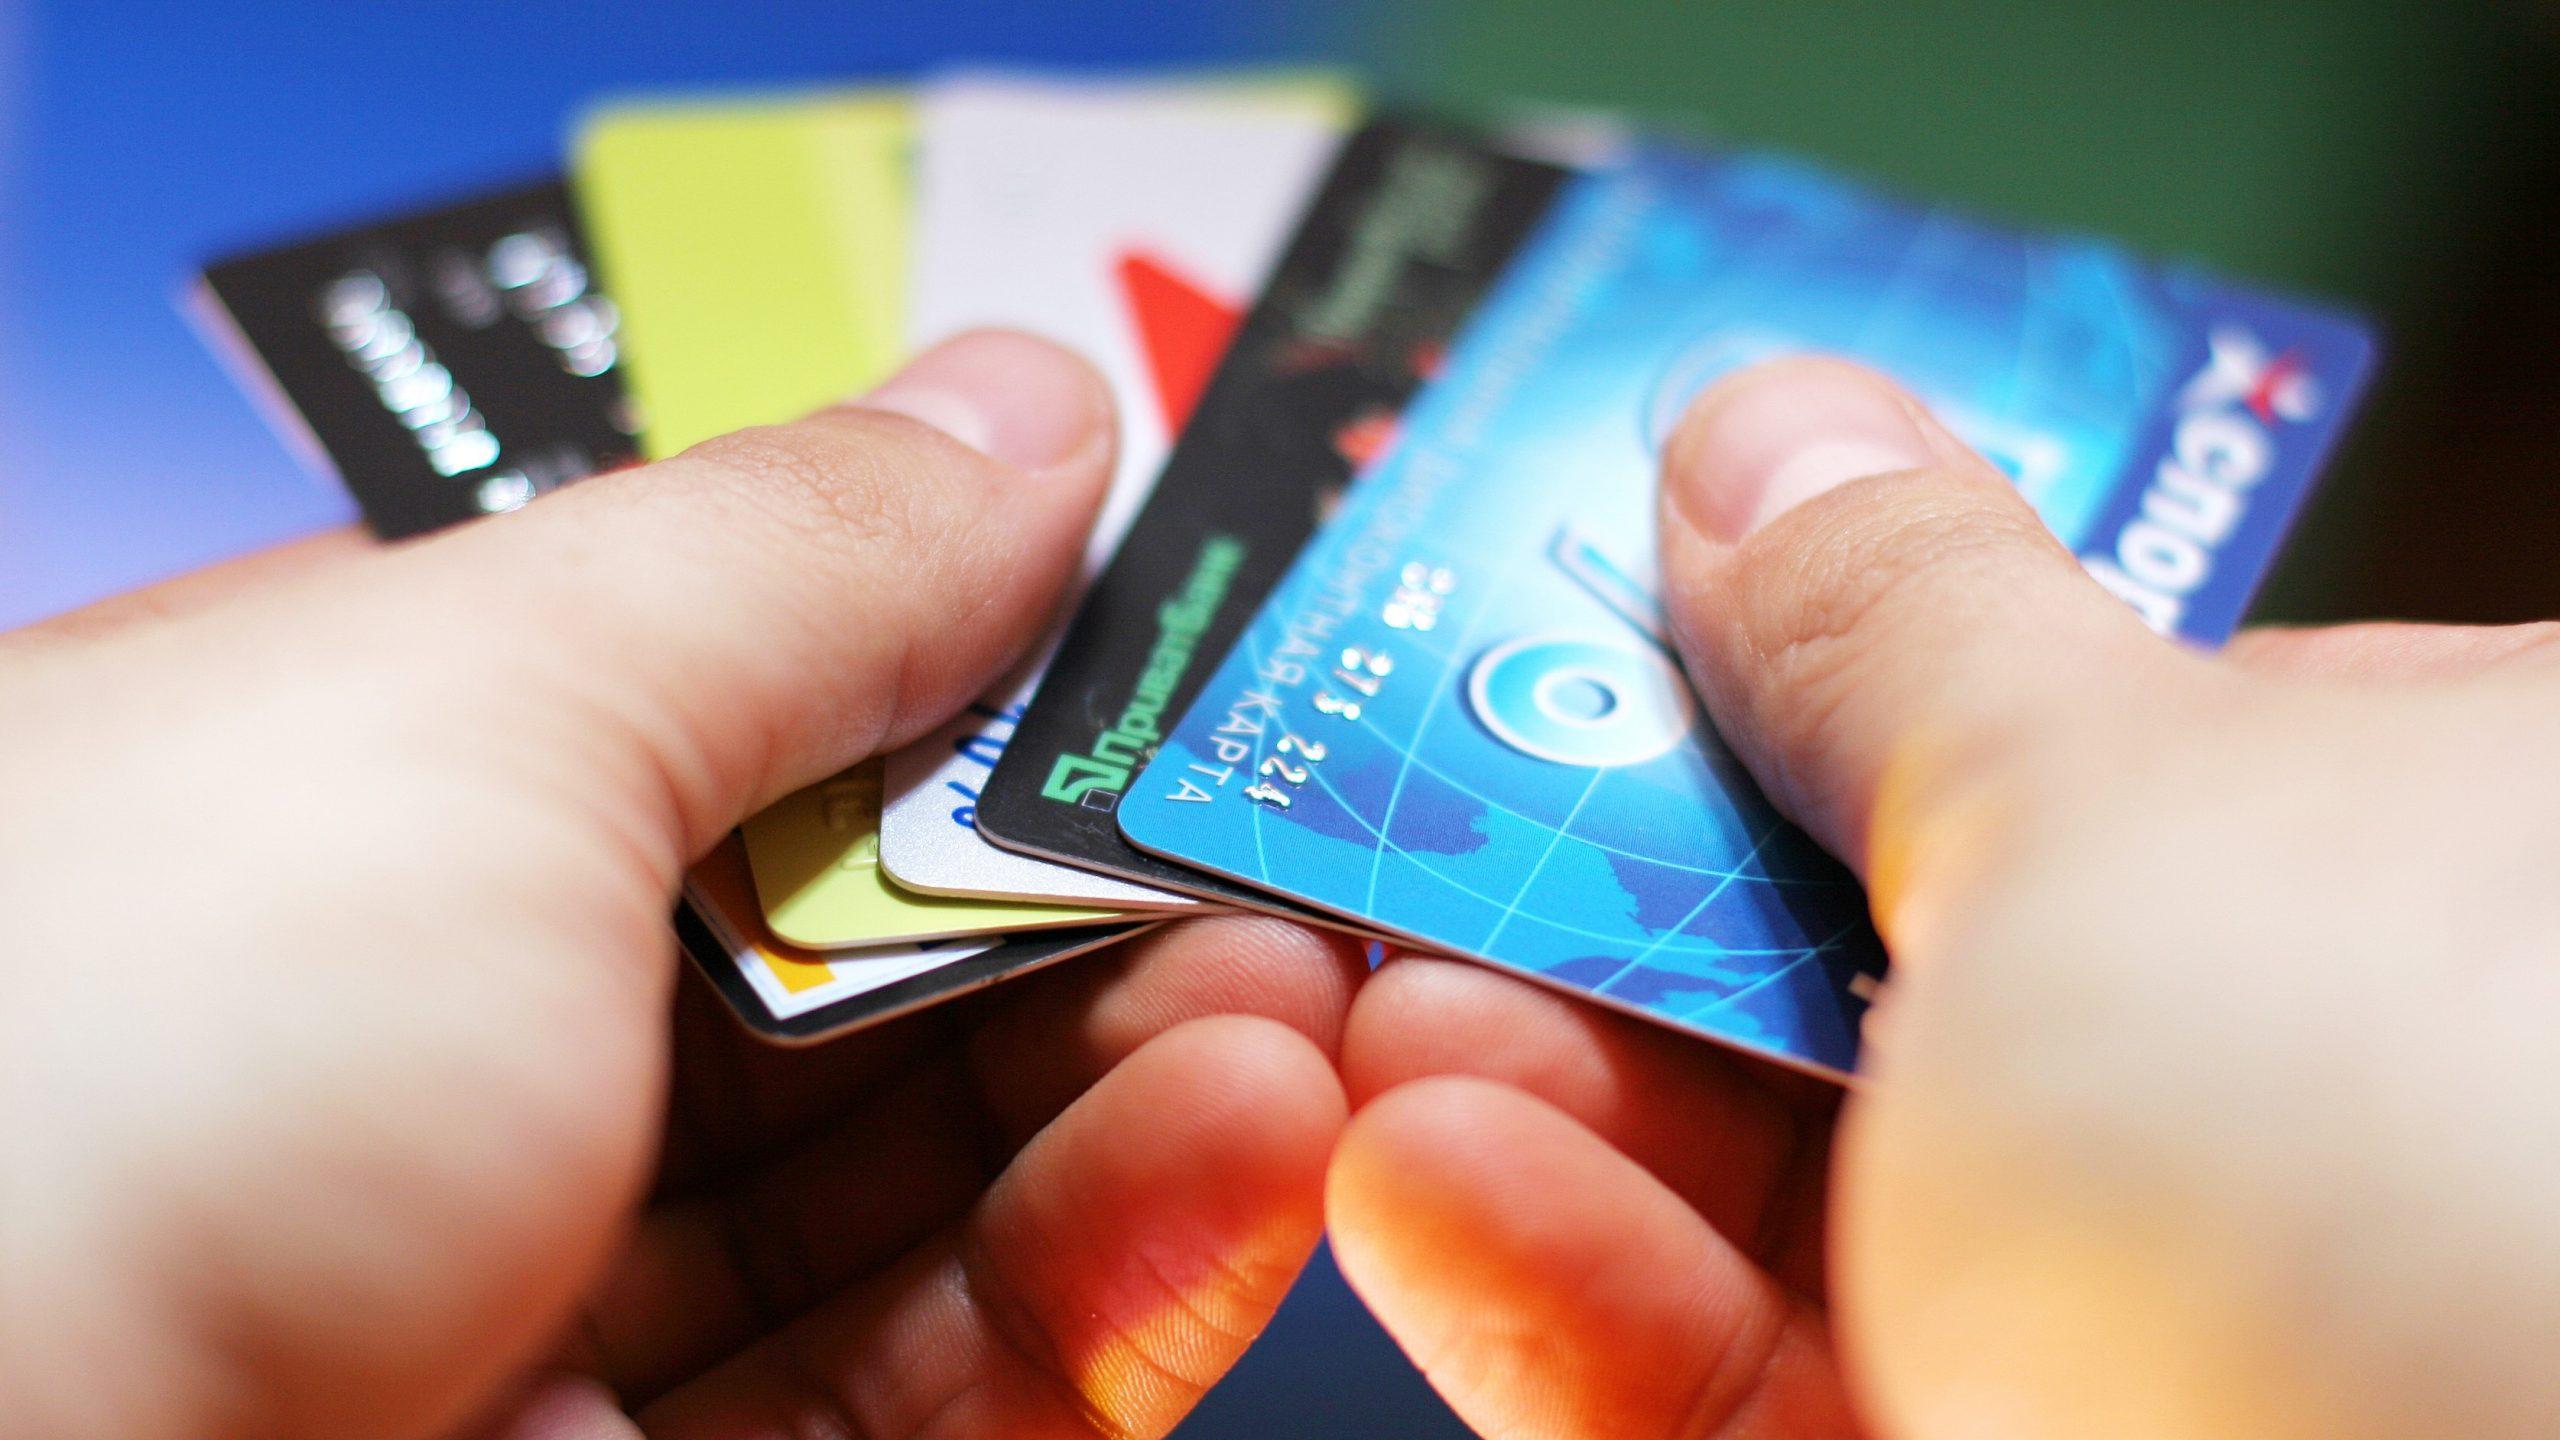 Cek Limit Kartu Kredit Cukup Dengan Sms Quadrant Co Id